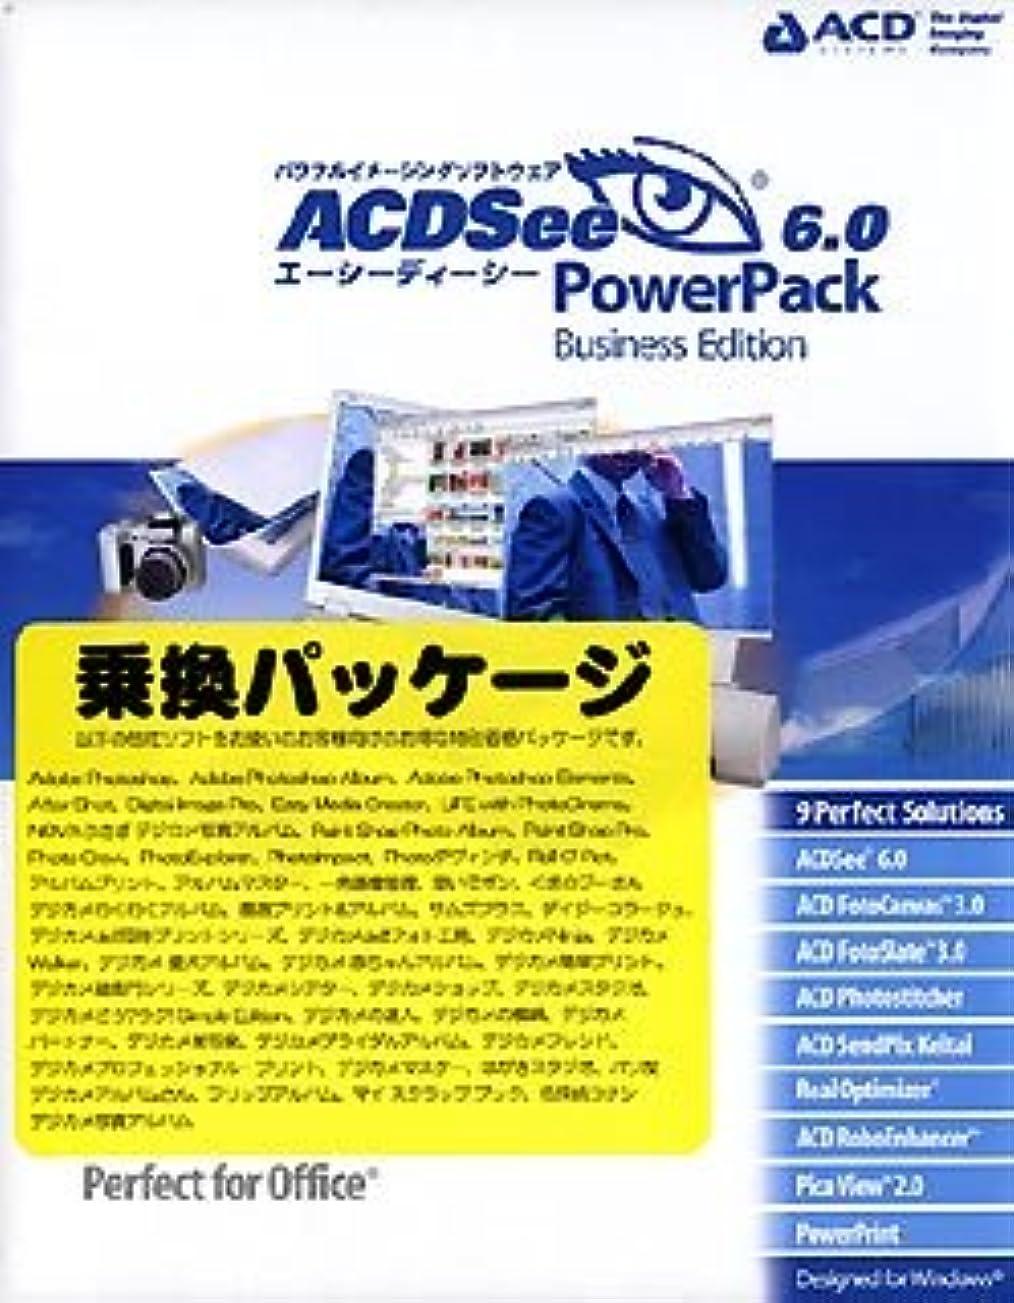 旅行代理店浸すラビリンスパワフルイメージングソフトウェア ACDSee 6.0 PowerPack Business Edition 乗換パッケージ